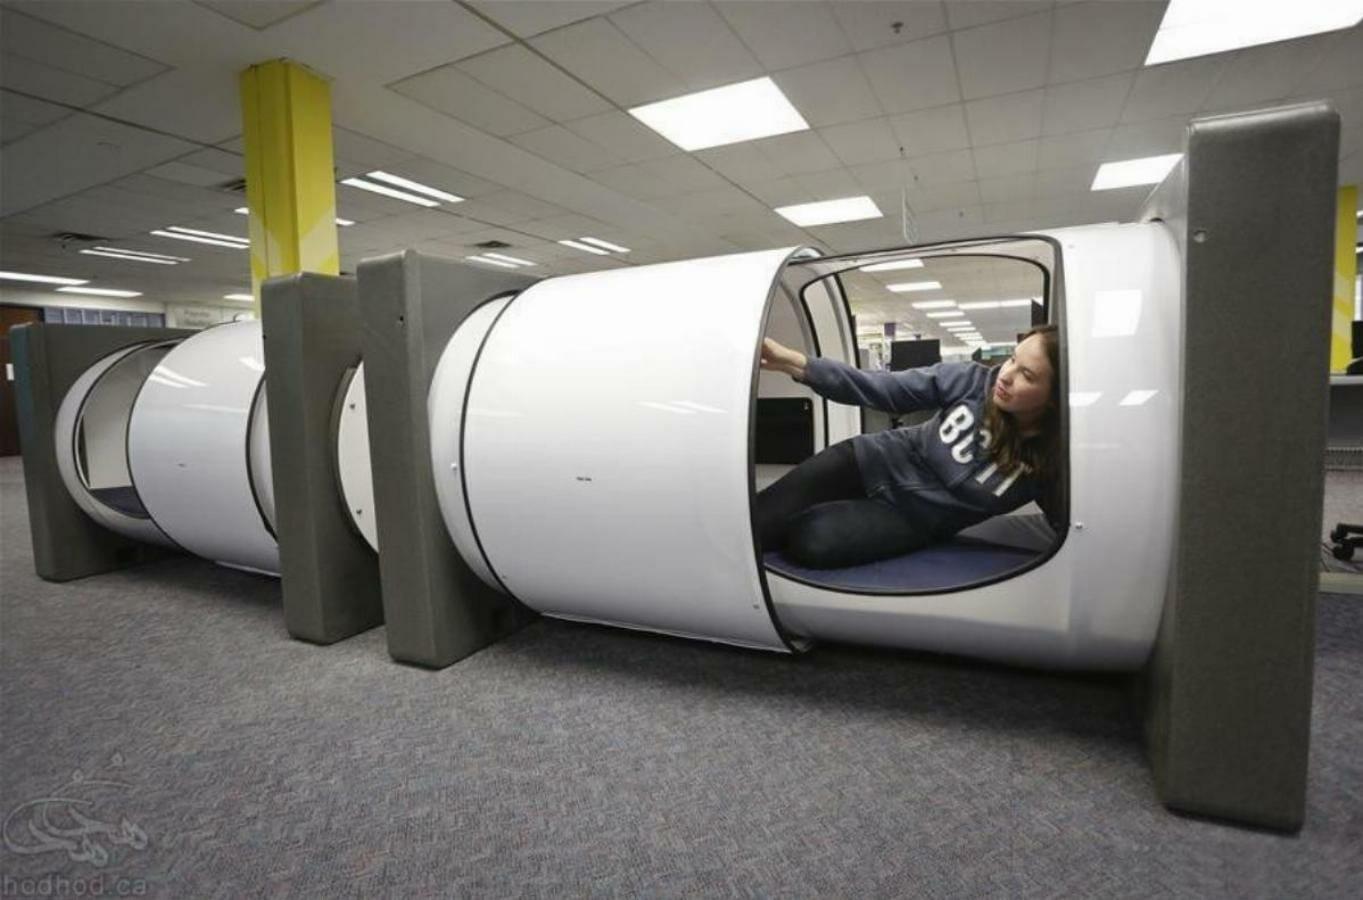 کپسول خواب در کتابخانه برای دانشجوهای موسسه تکنولوژی بریتیش کلمبیا